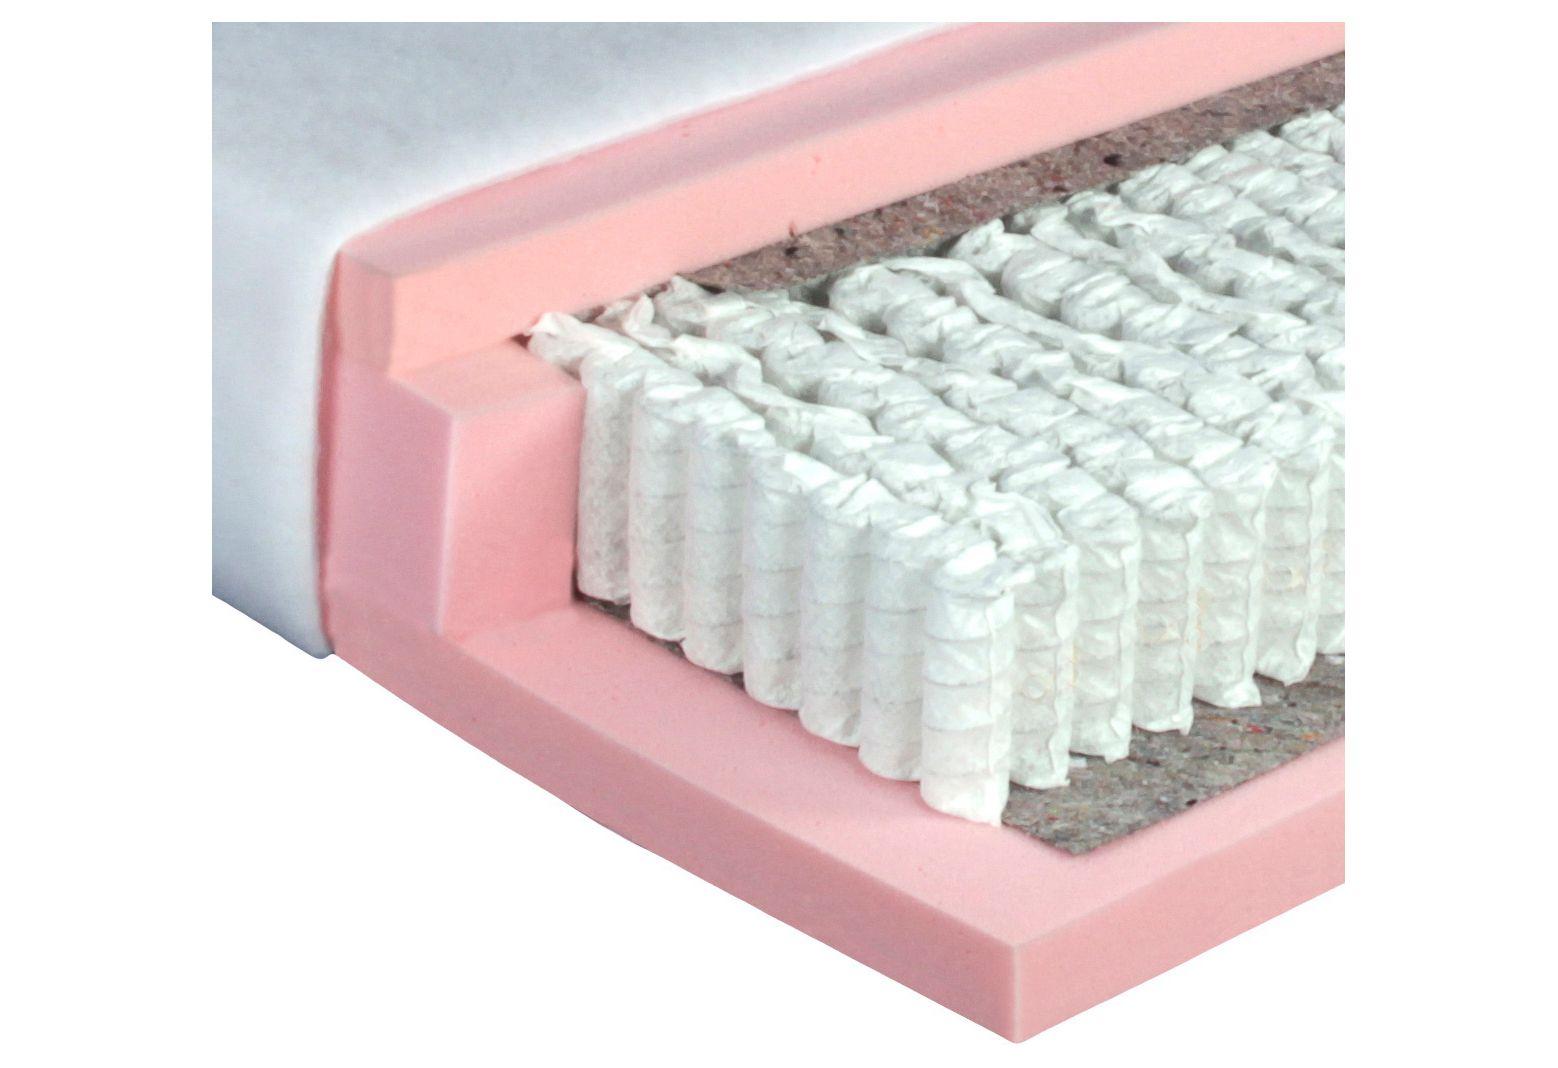 taschenfederkernmatratze 1000 pur breckle schwab versand matratzen 120x200 cm. Black Bedroom Furniture Sets. Home Design Ideas